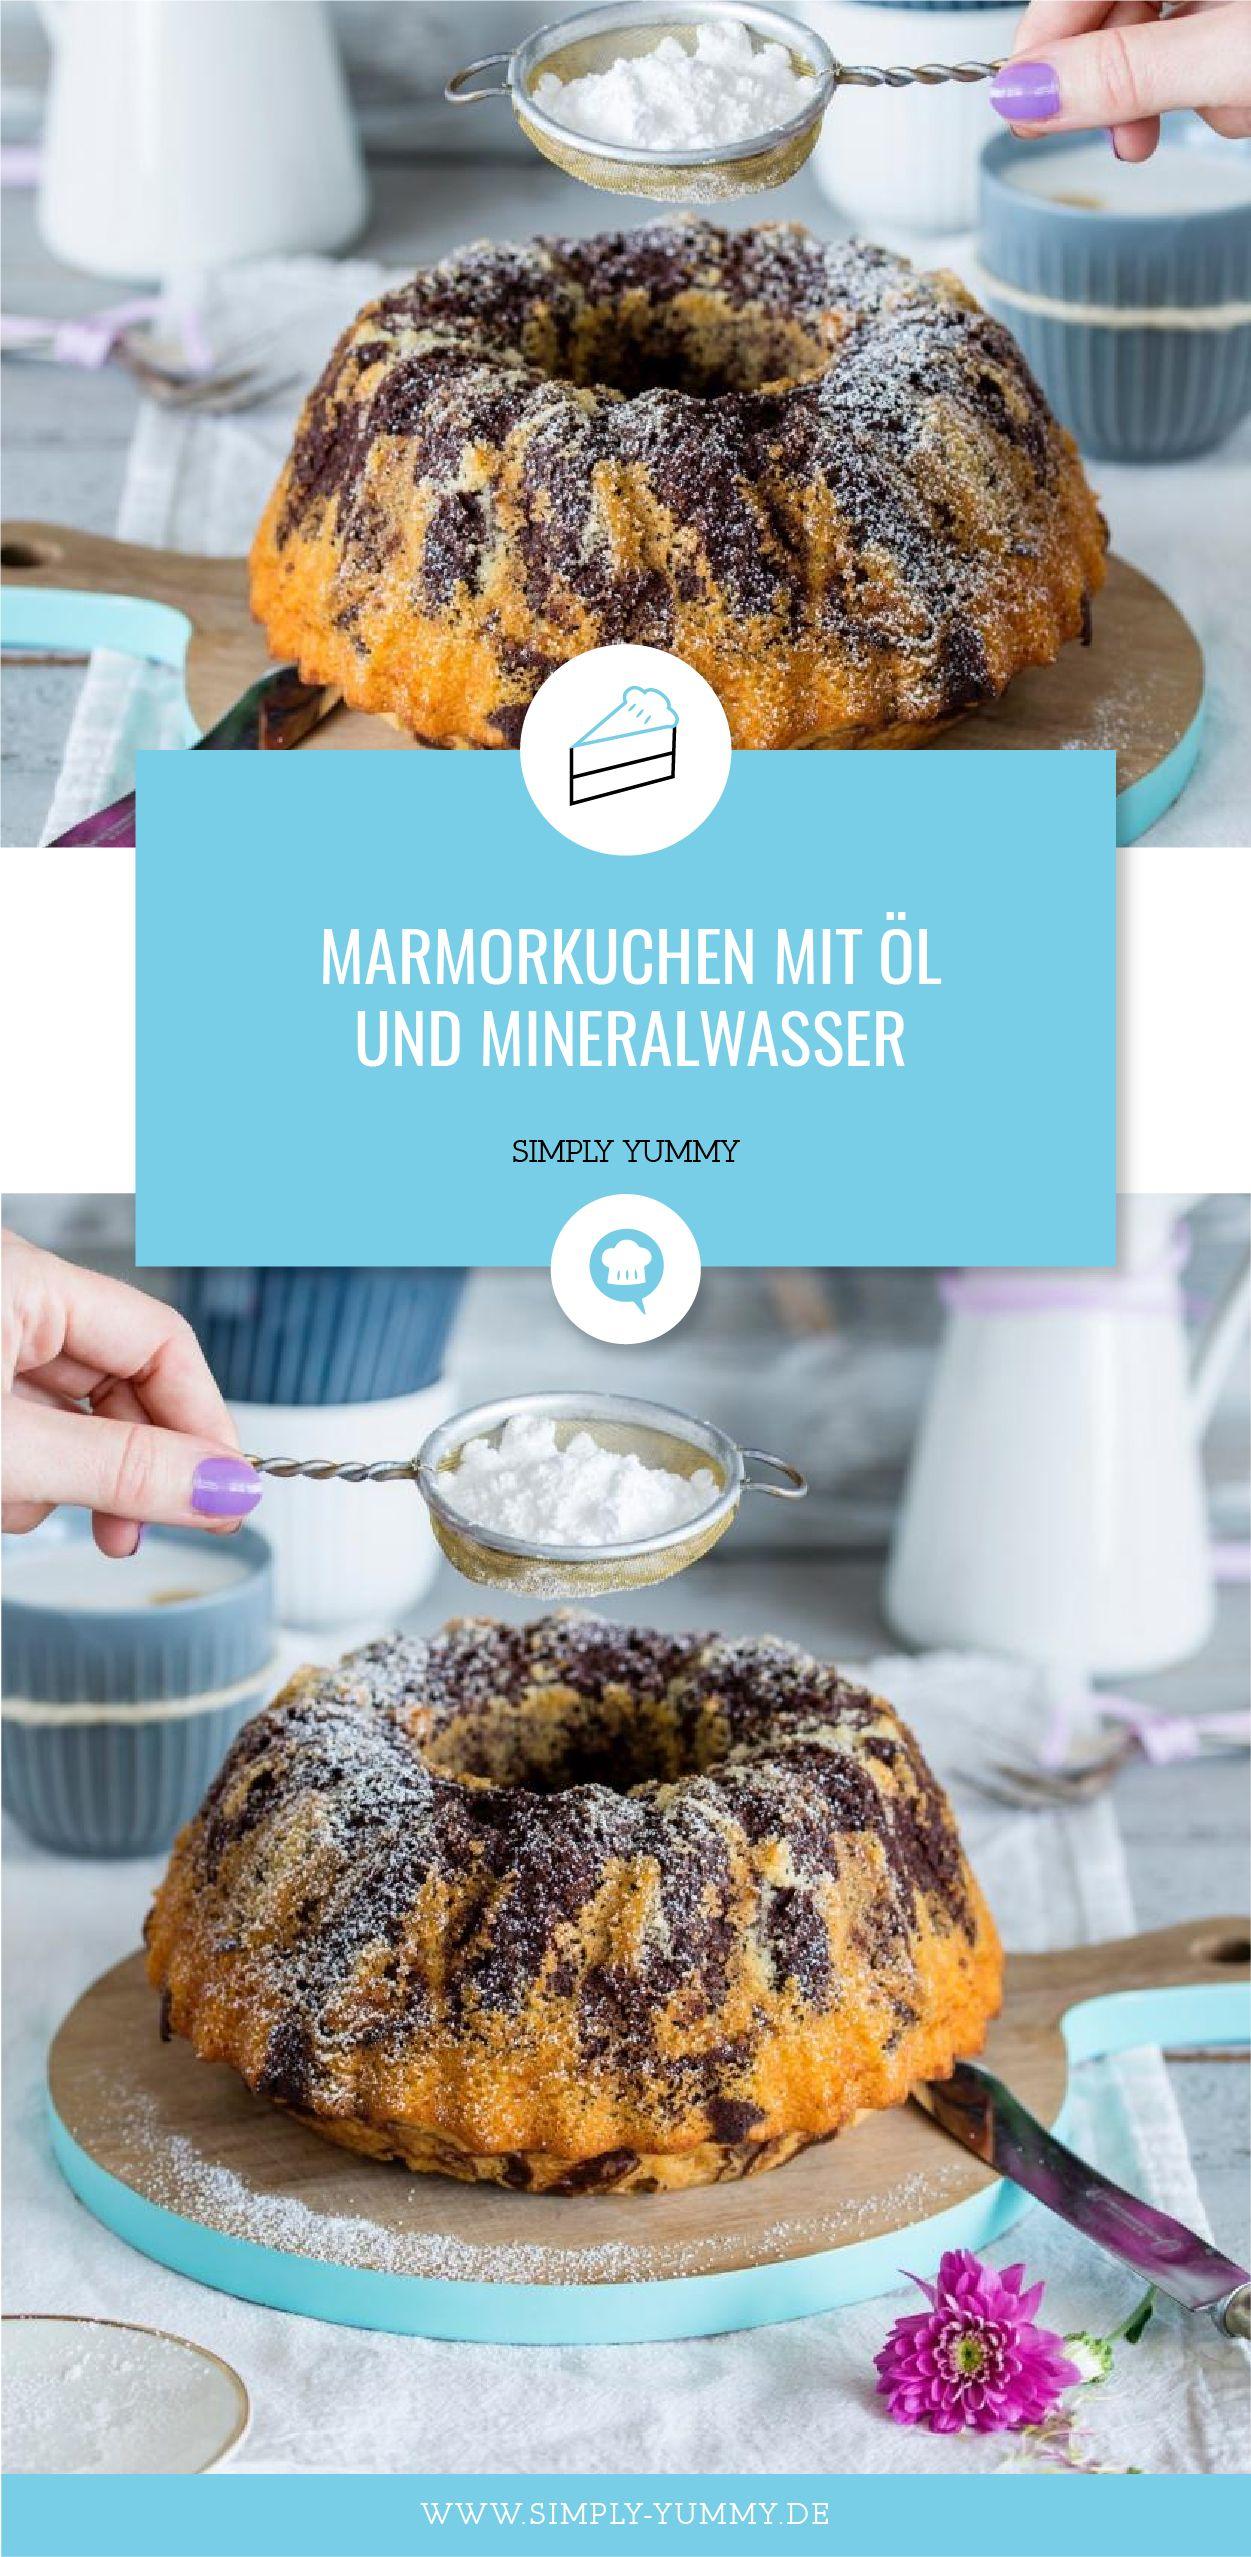 Marmorkuchen Mit Ol Und Mineralwasser Rezept In 2018 Rezepte Von